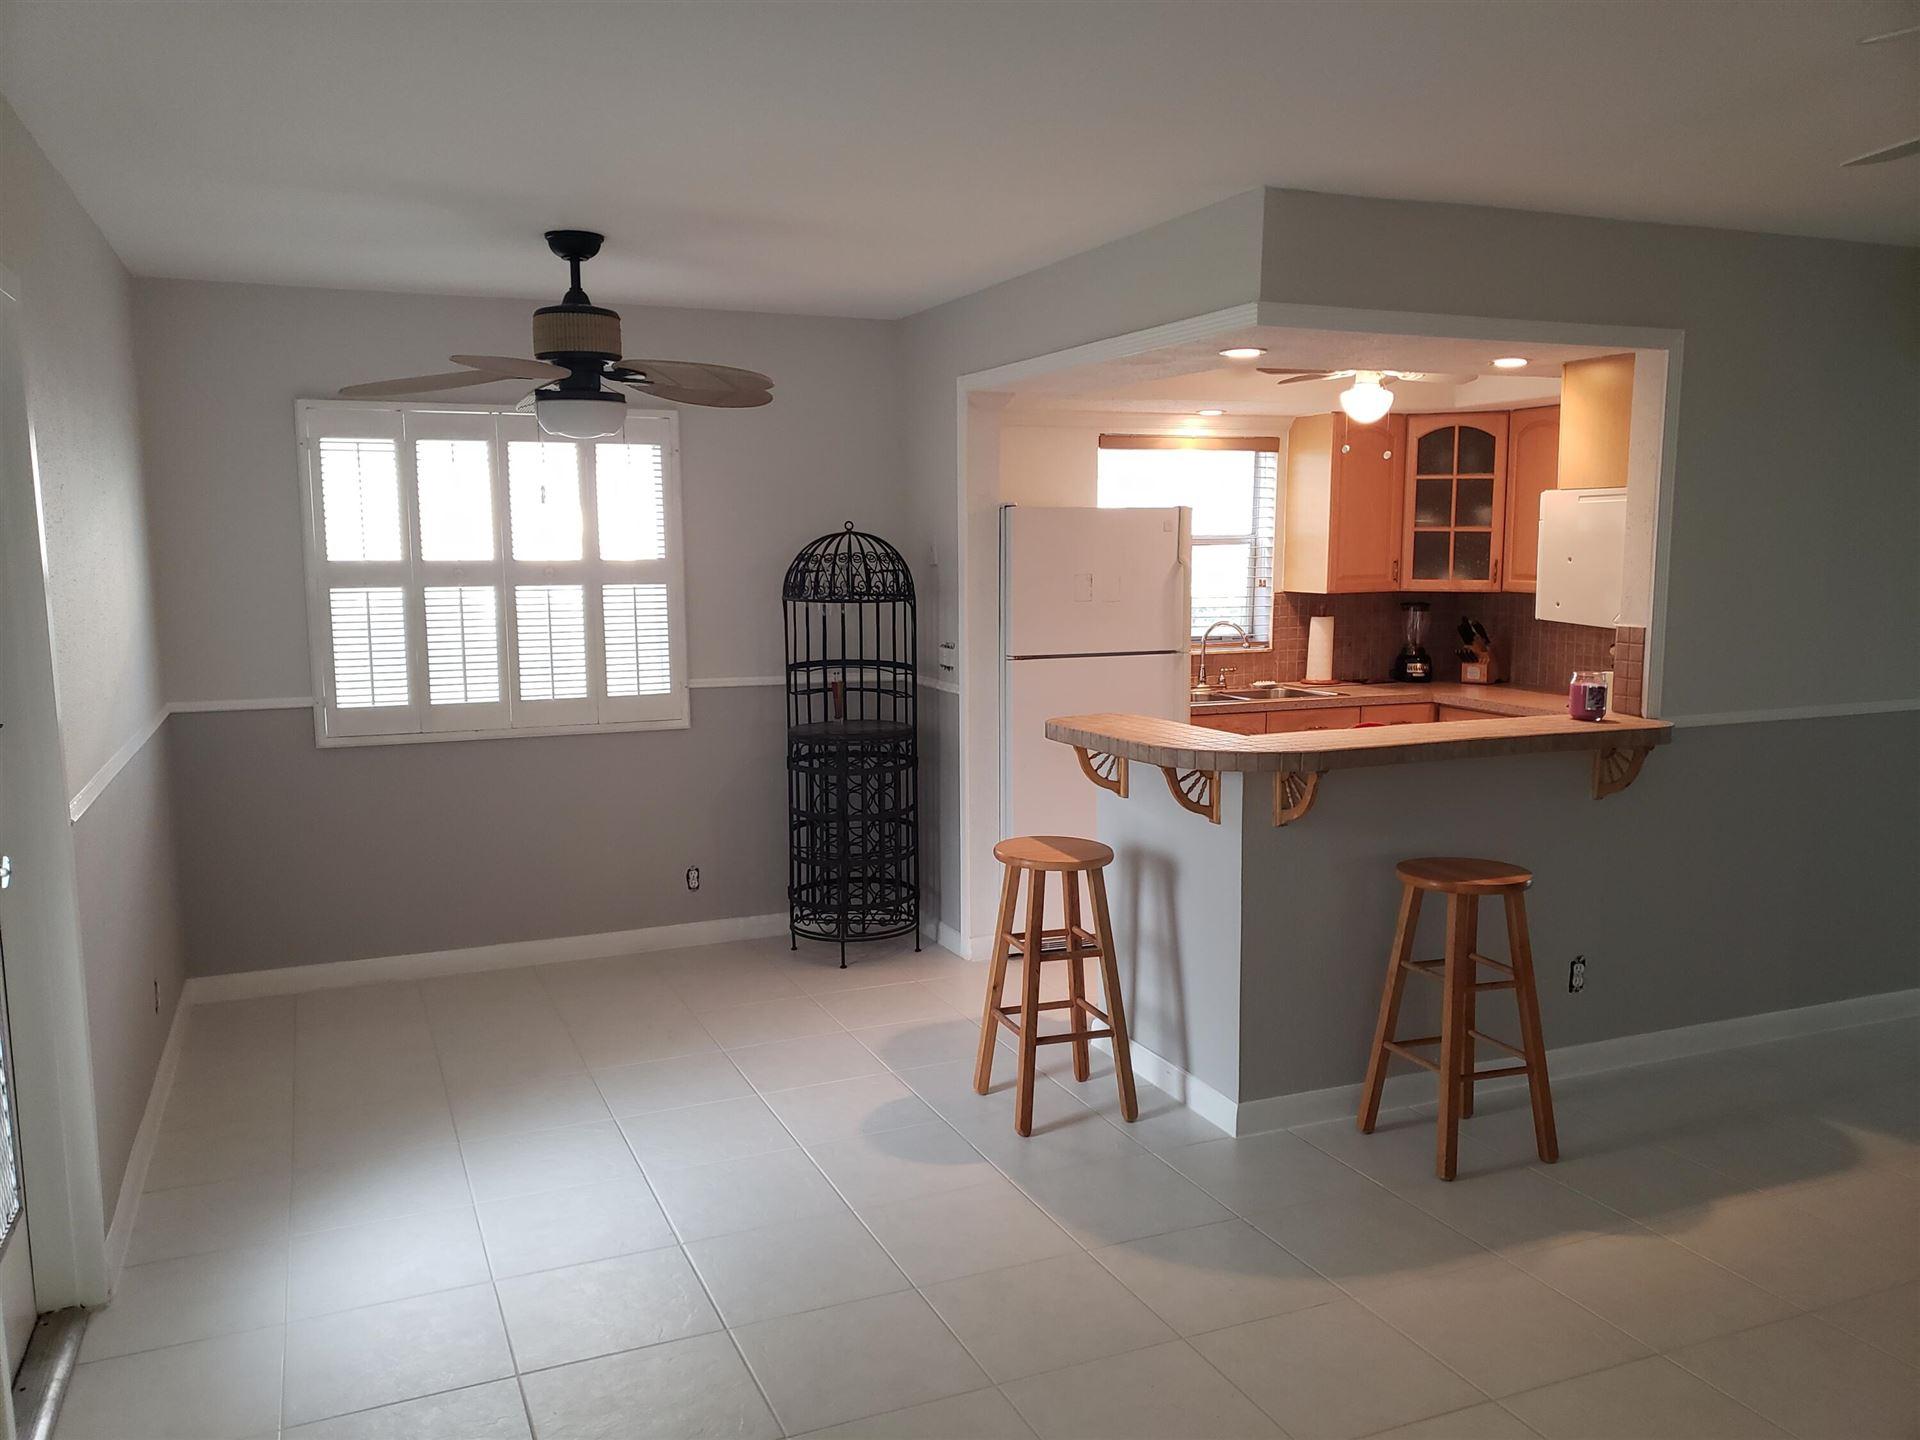 629 Brittany N #629, Delray Beach, FL 33446 - MLS#: RX-10721145